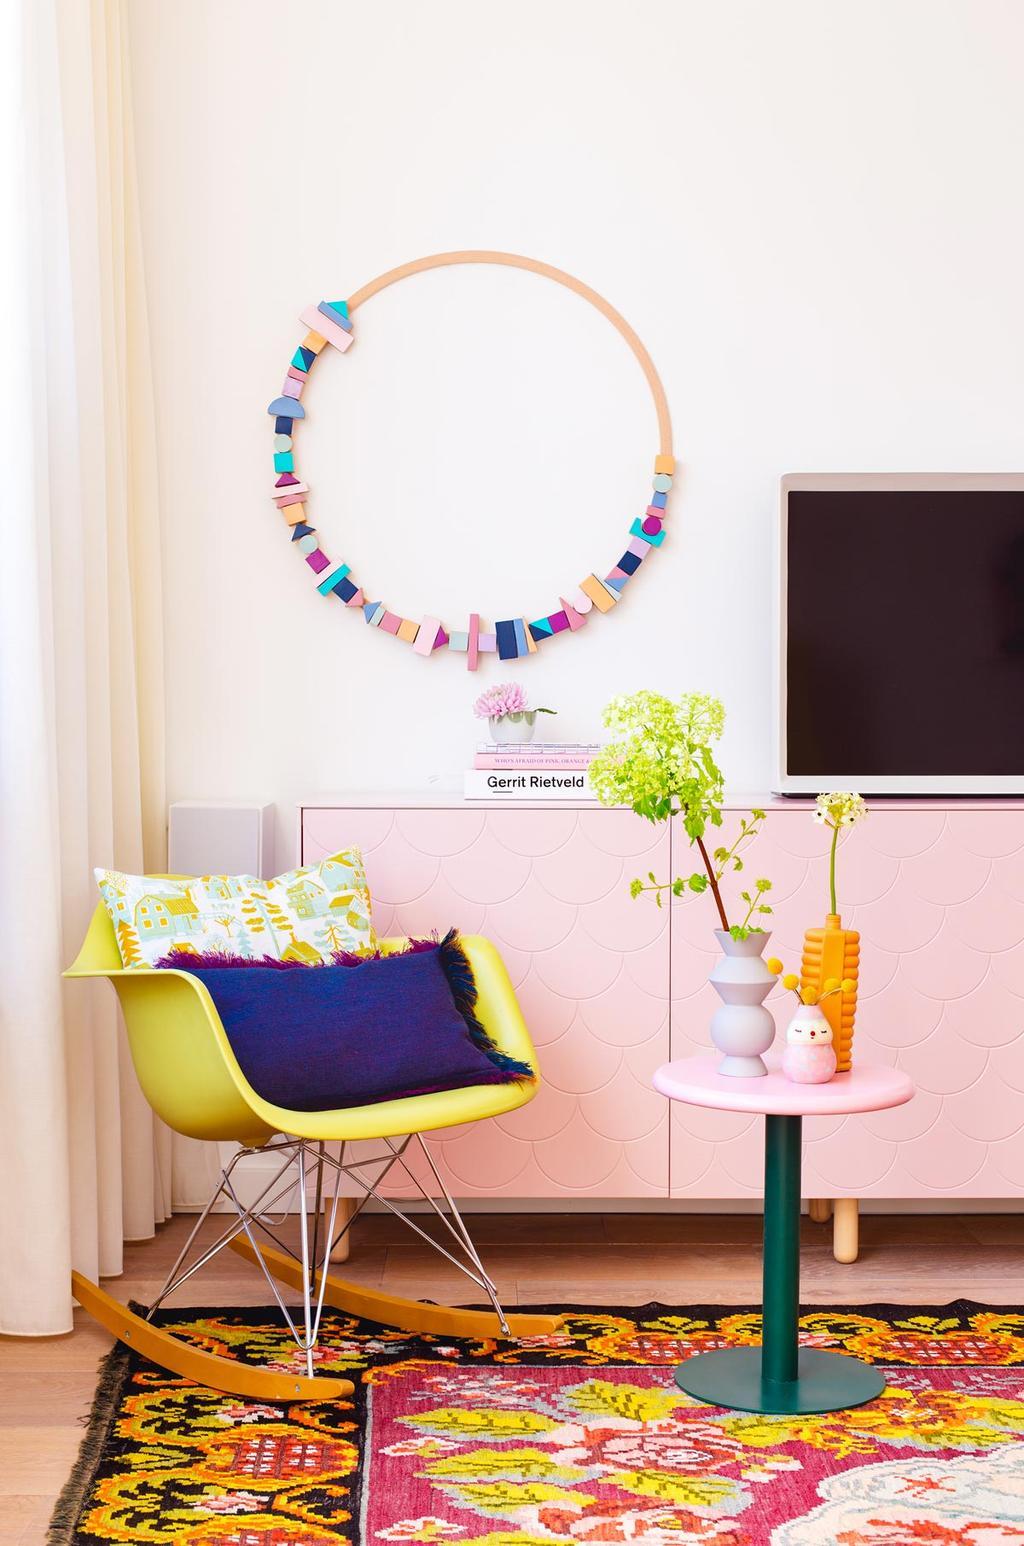 Blokjeskrans op de muur met roze dressoir en gele stoel